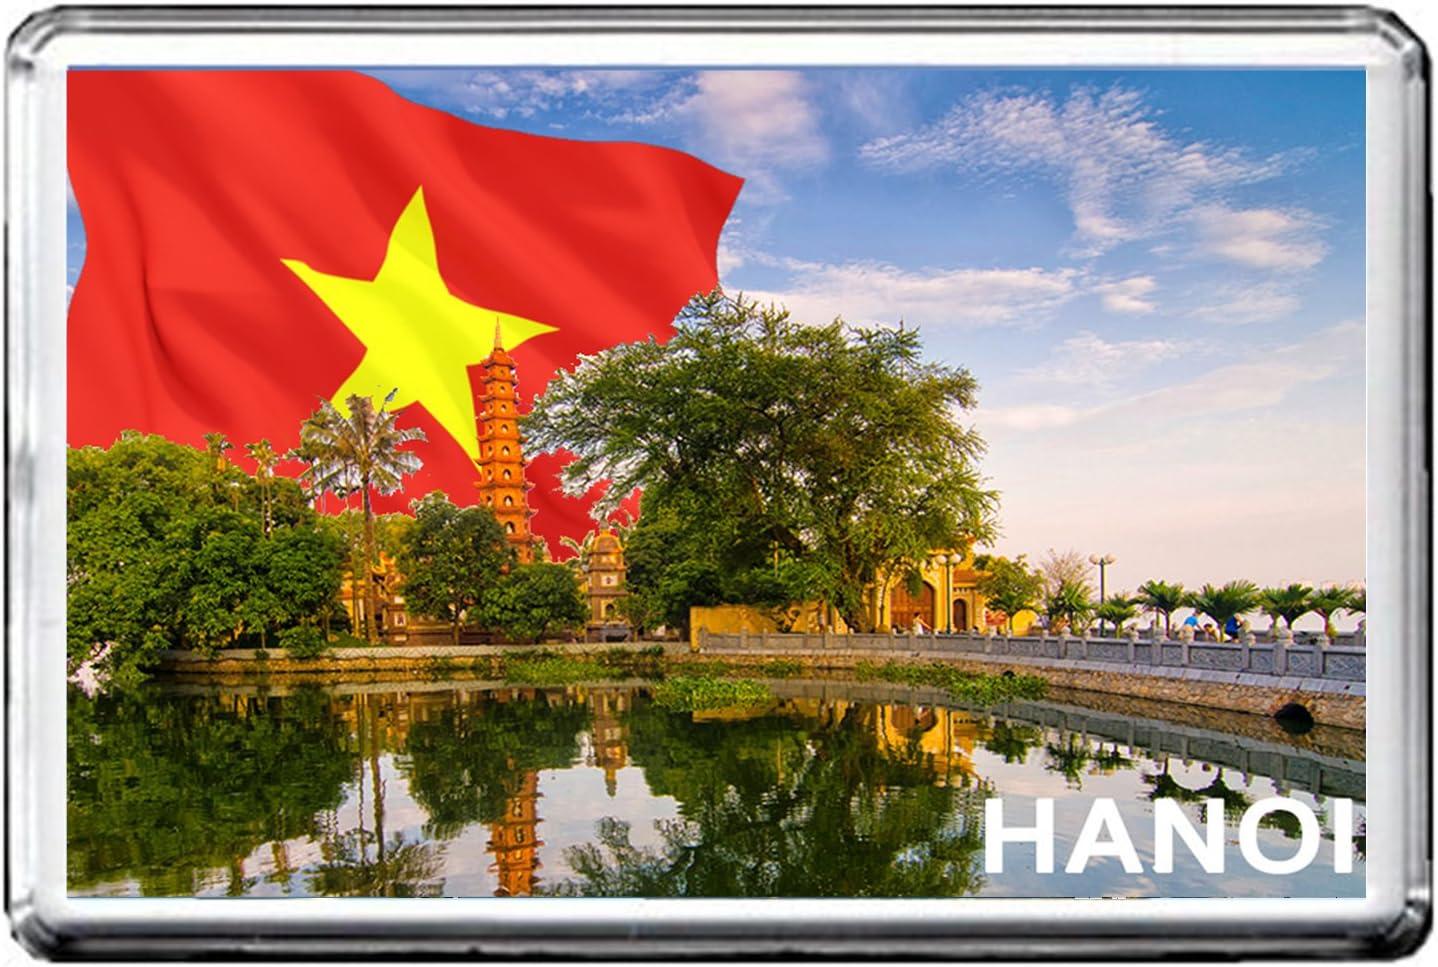 HANOI AIMANT POUR LE FRIGO 003 THE CAPITAL CITY OF VIETNAM REFRIGERATOR MAGNET